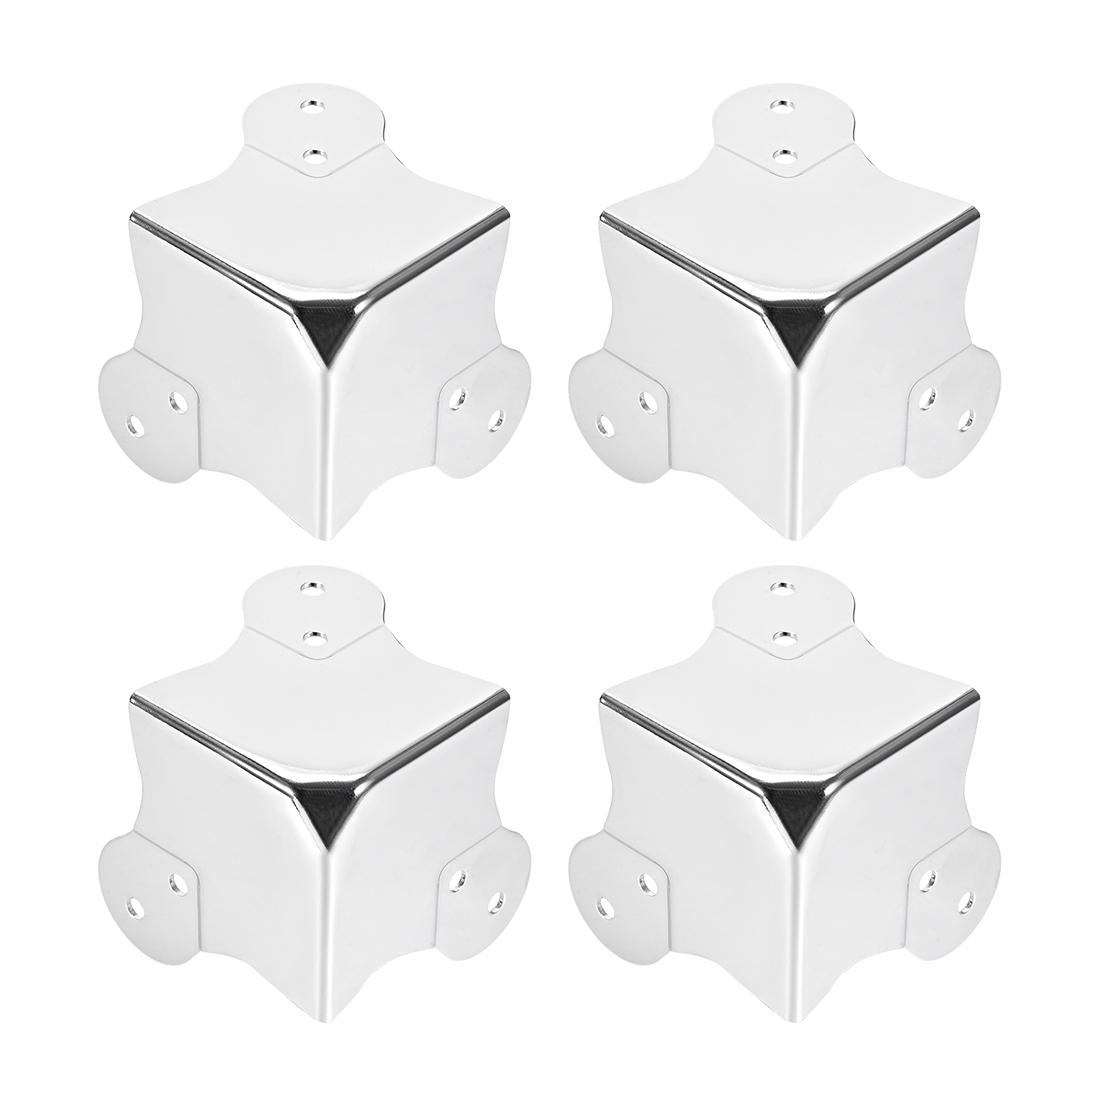 Metal Box Corner Protectors Wooden Box Edge Guard Protector 58 x 58 x 58mm 4pcs